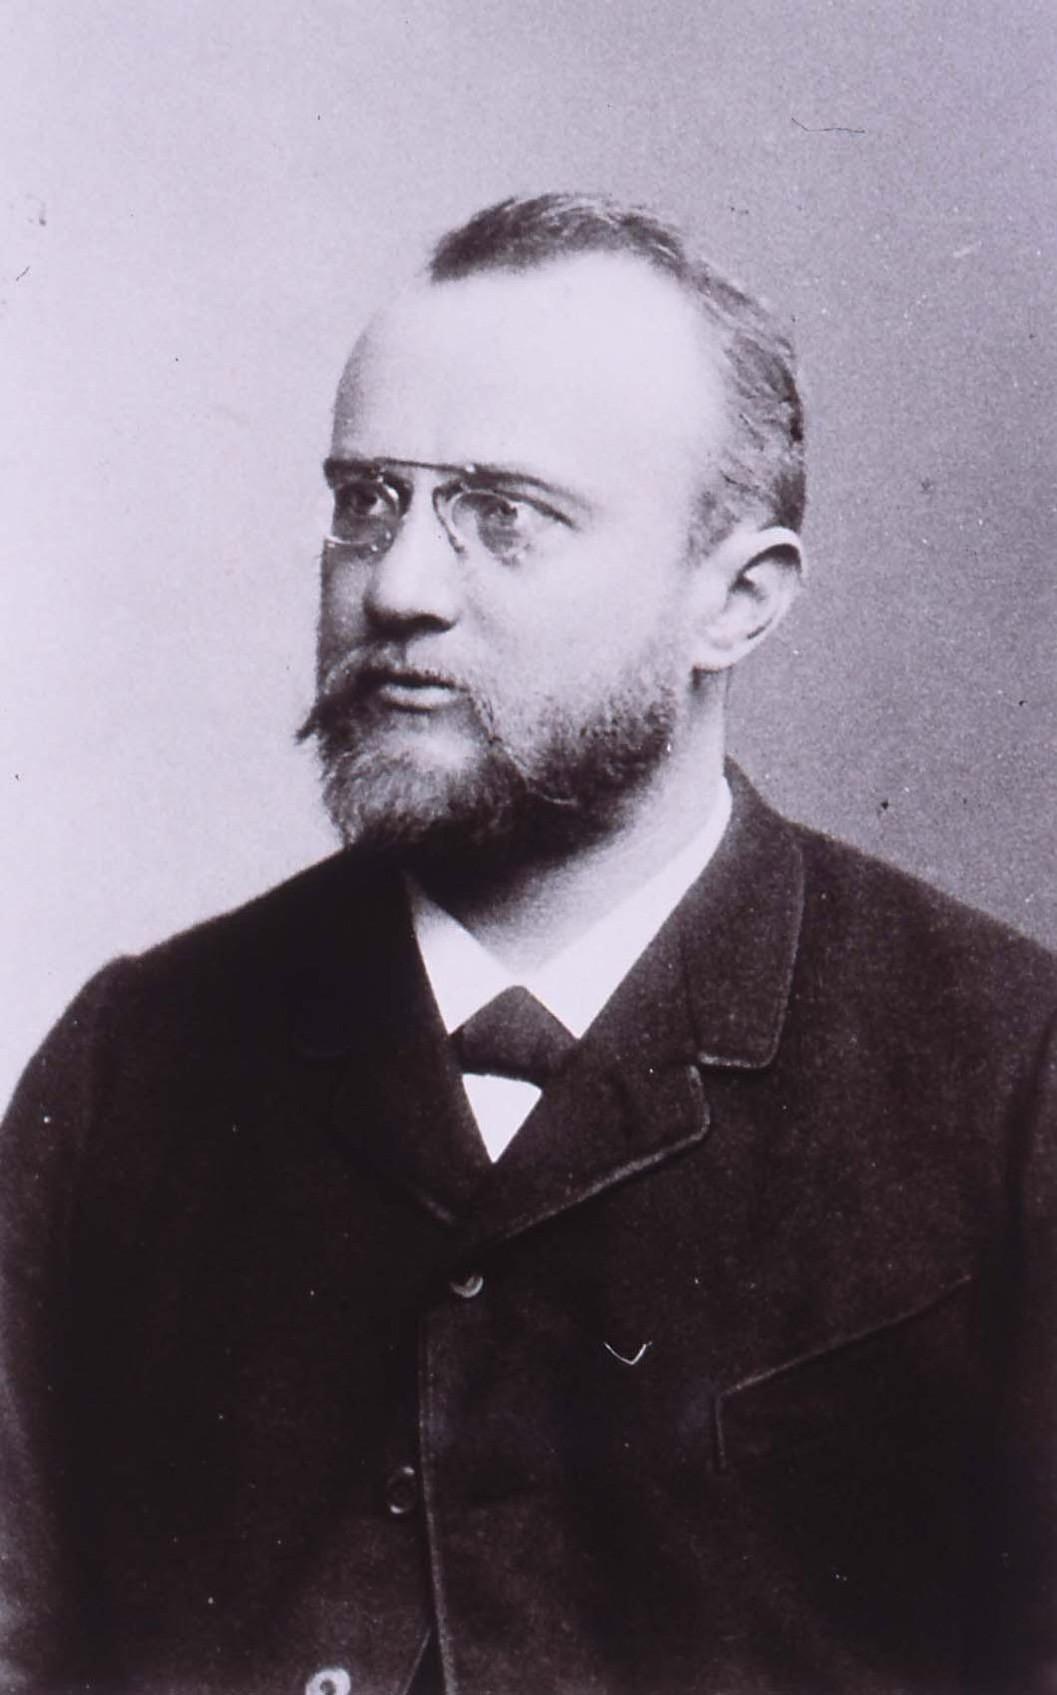 Friedrich Spitta